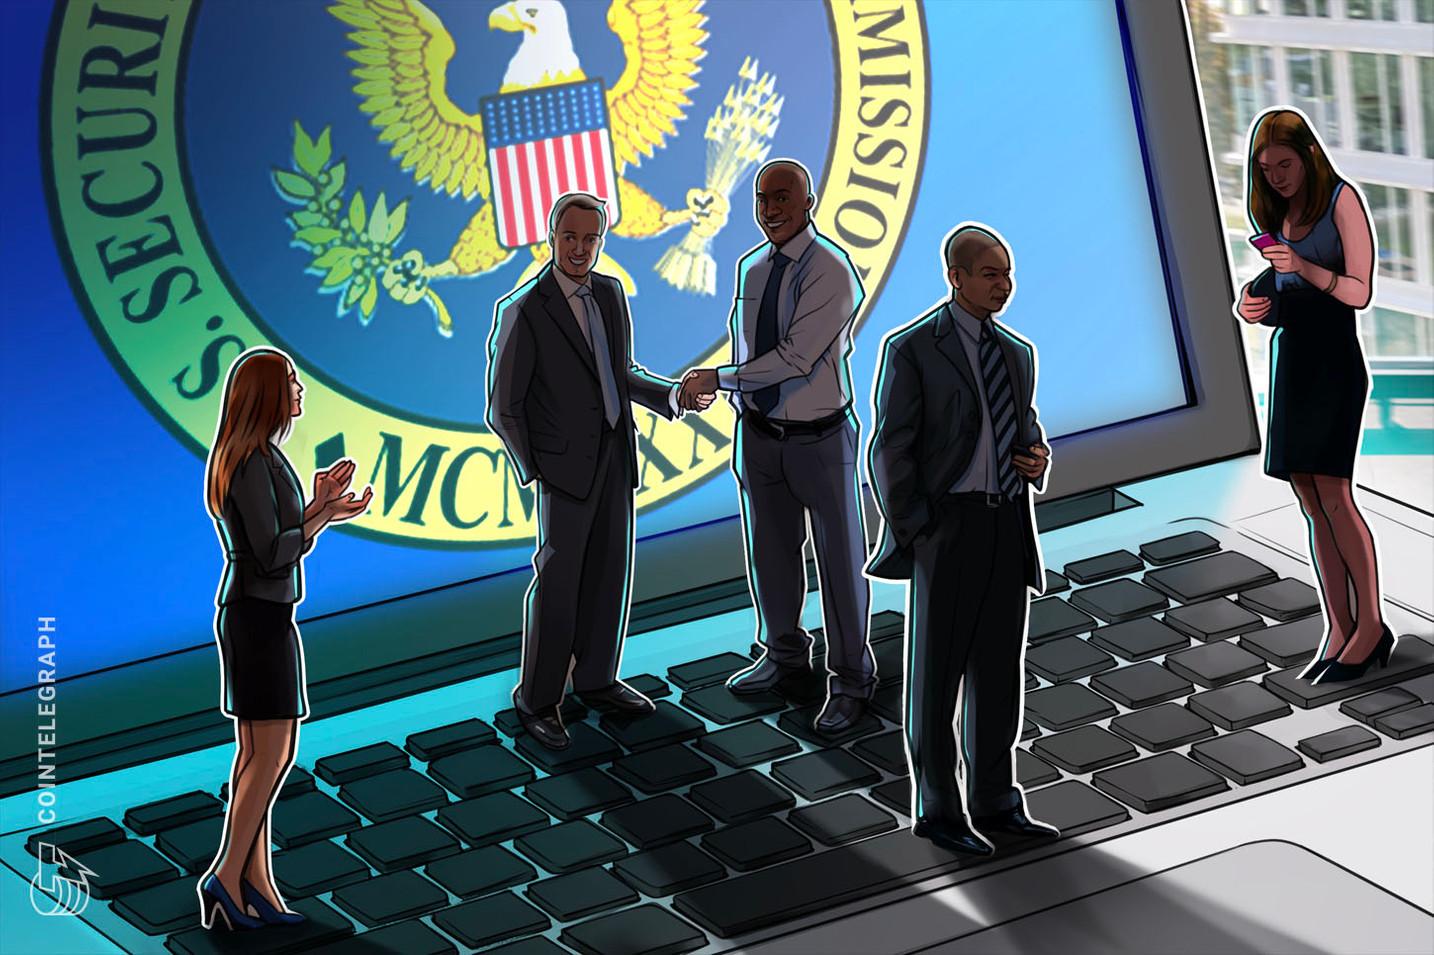 El presidente de la SEC insiste en que las empresas de criptomonedas deben conversar con la agencia